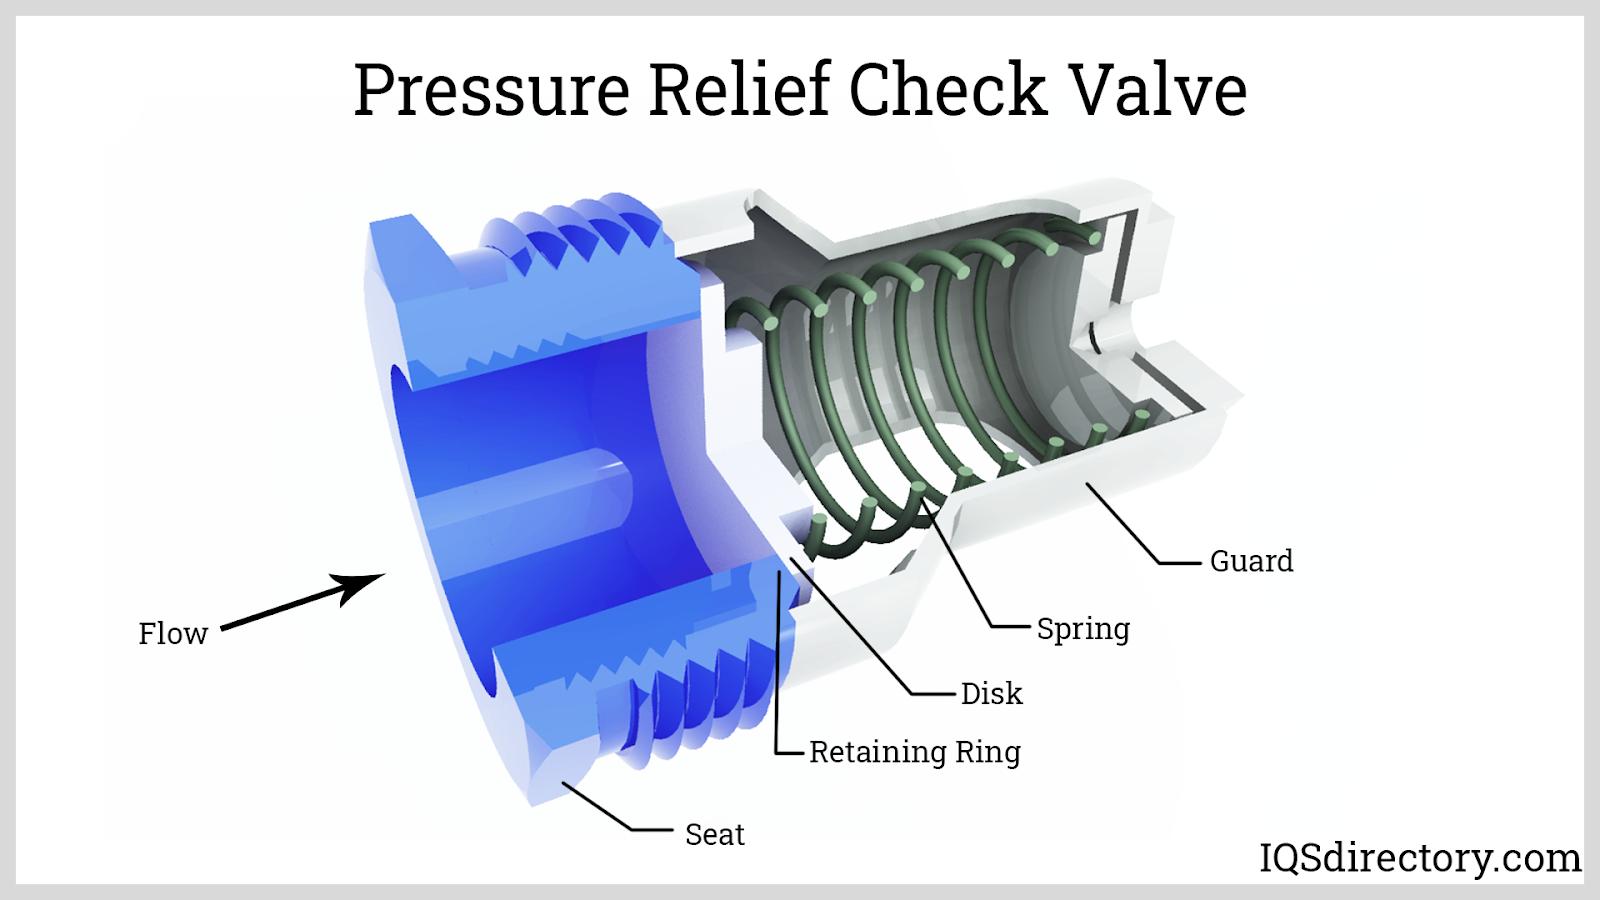 Pressure Relief Check Valve